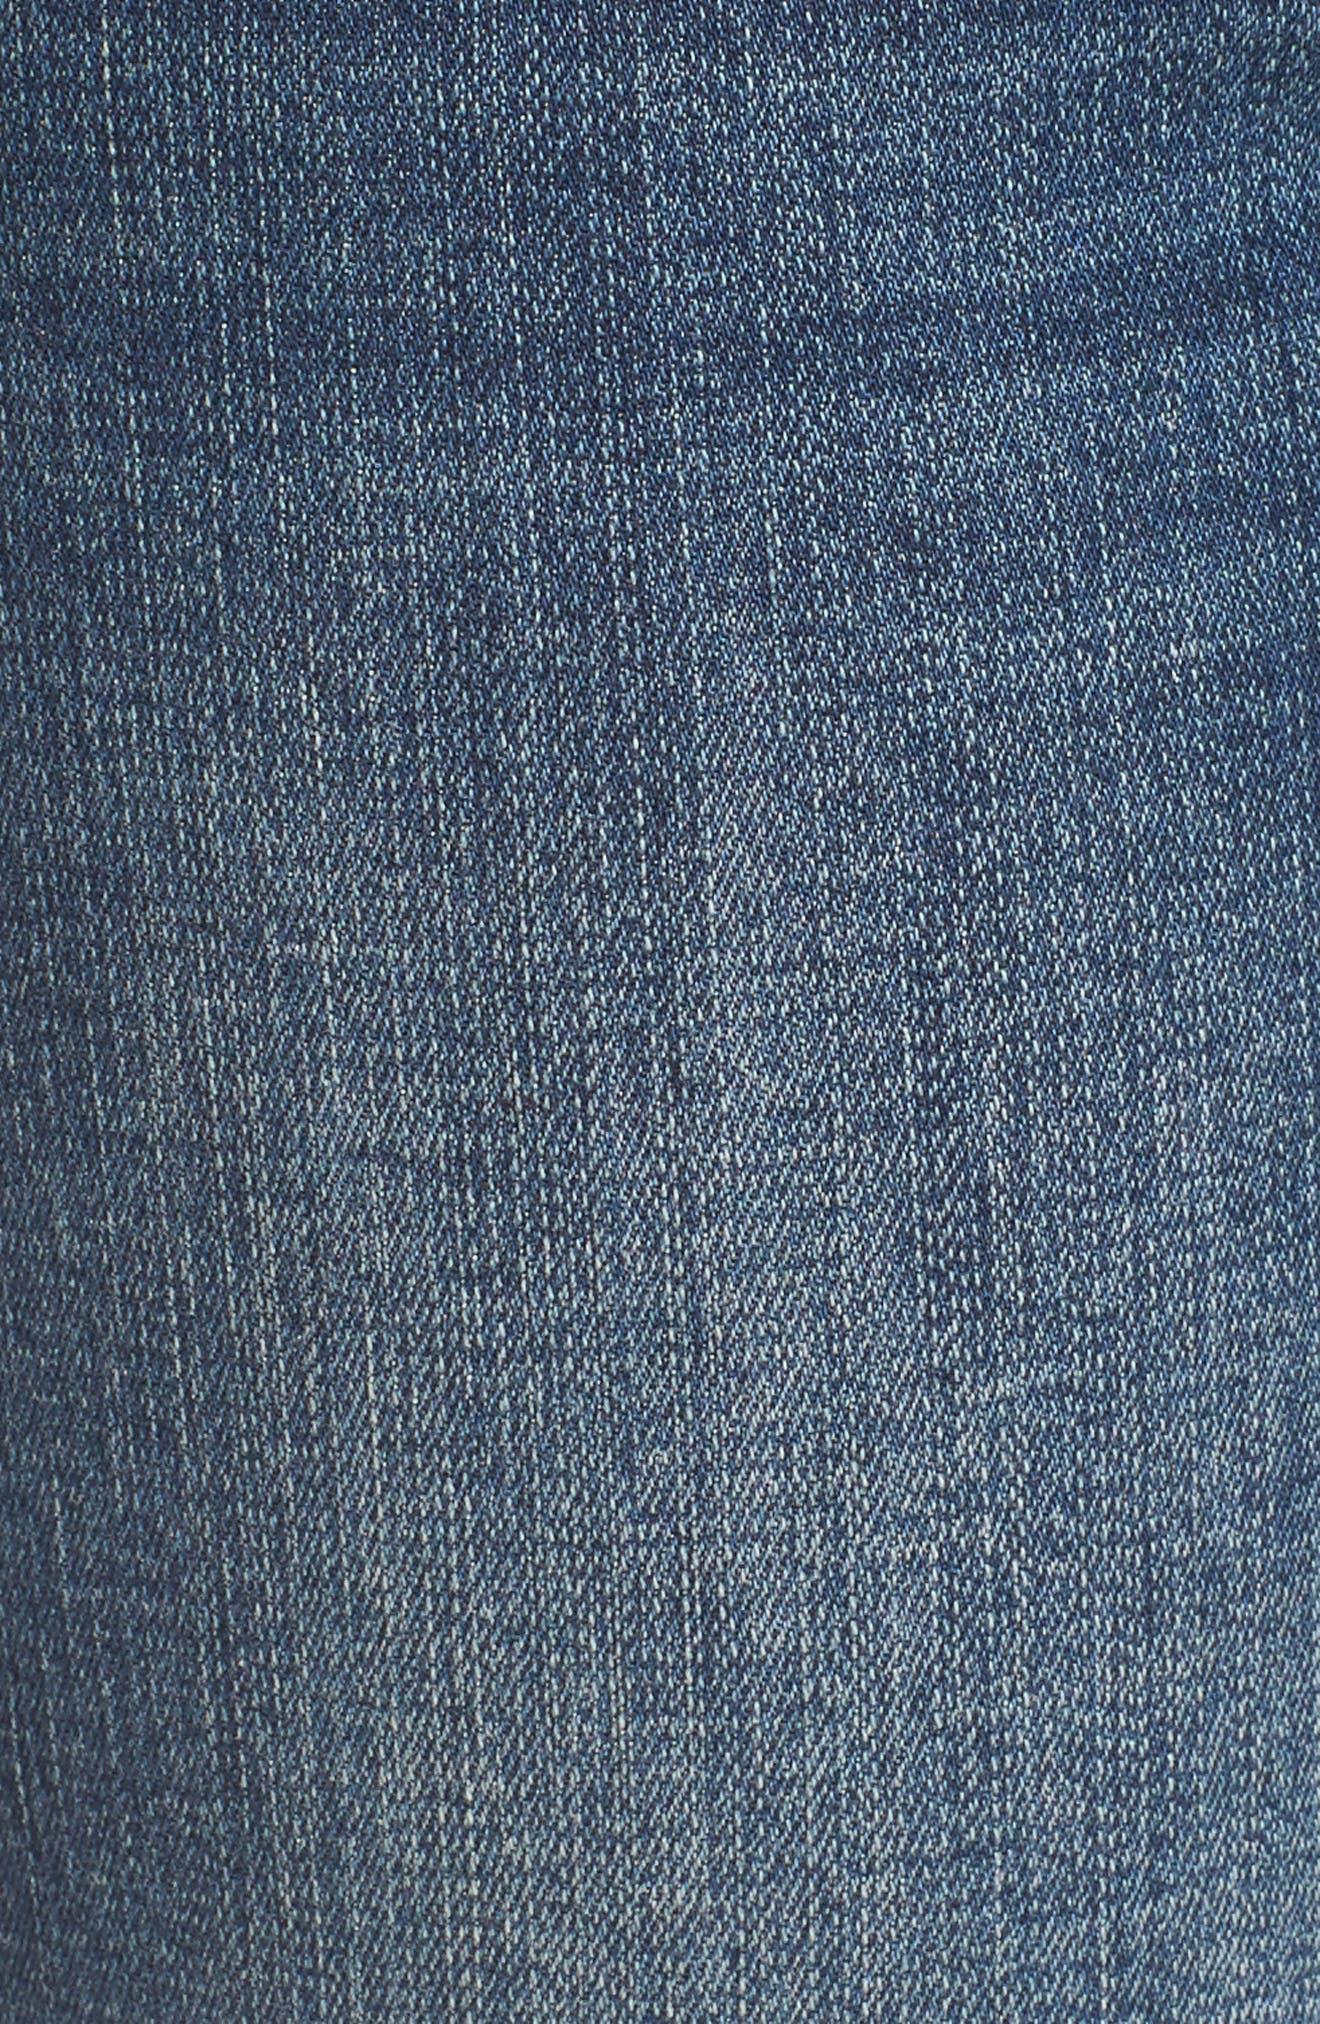 Flex-ellent Embroidered Boyfriend Jeans,                             Alternate thumbnail 5, color,                             Blue